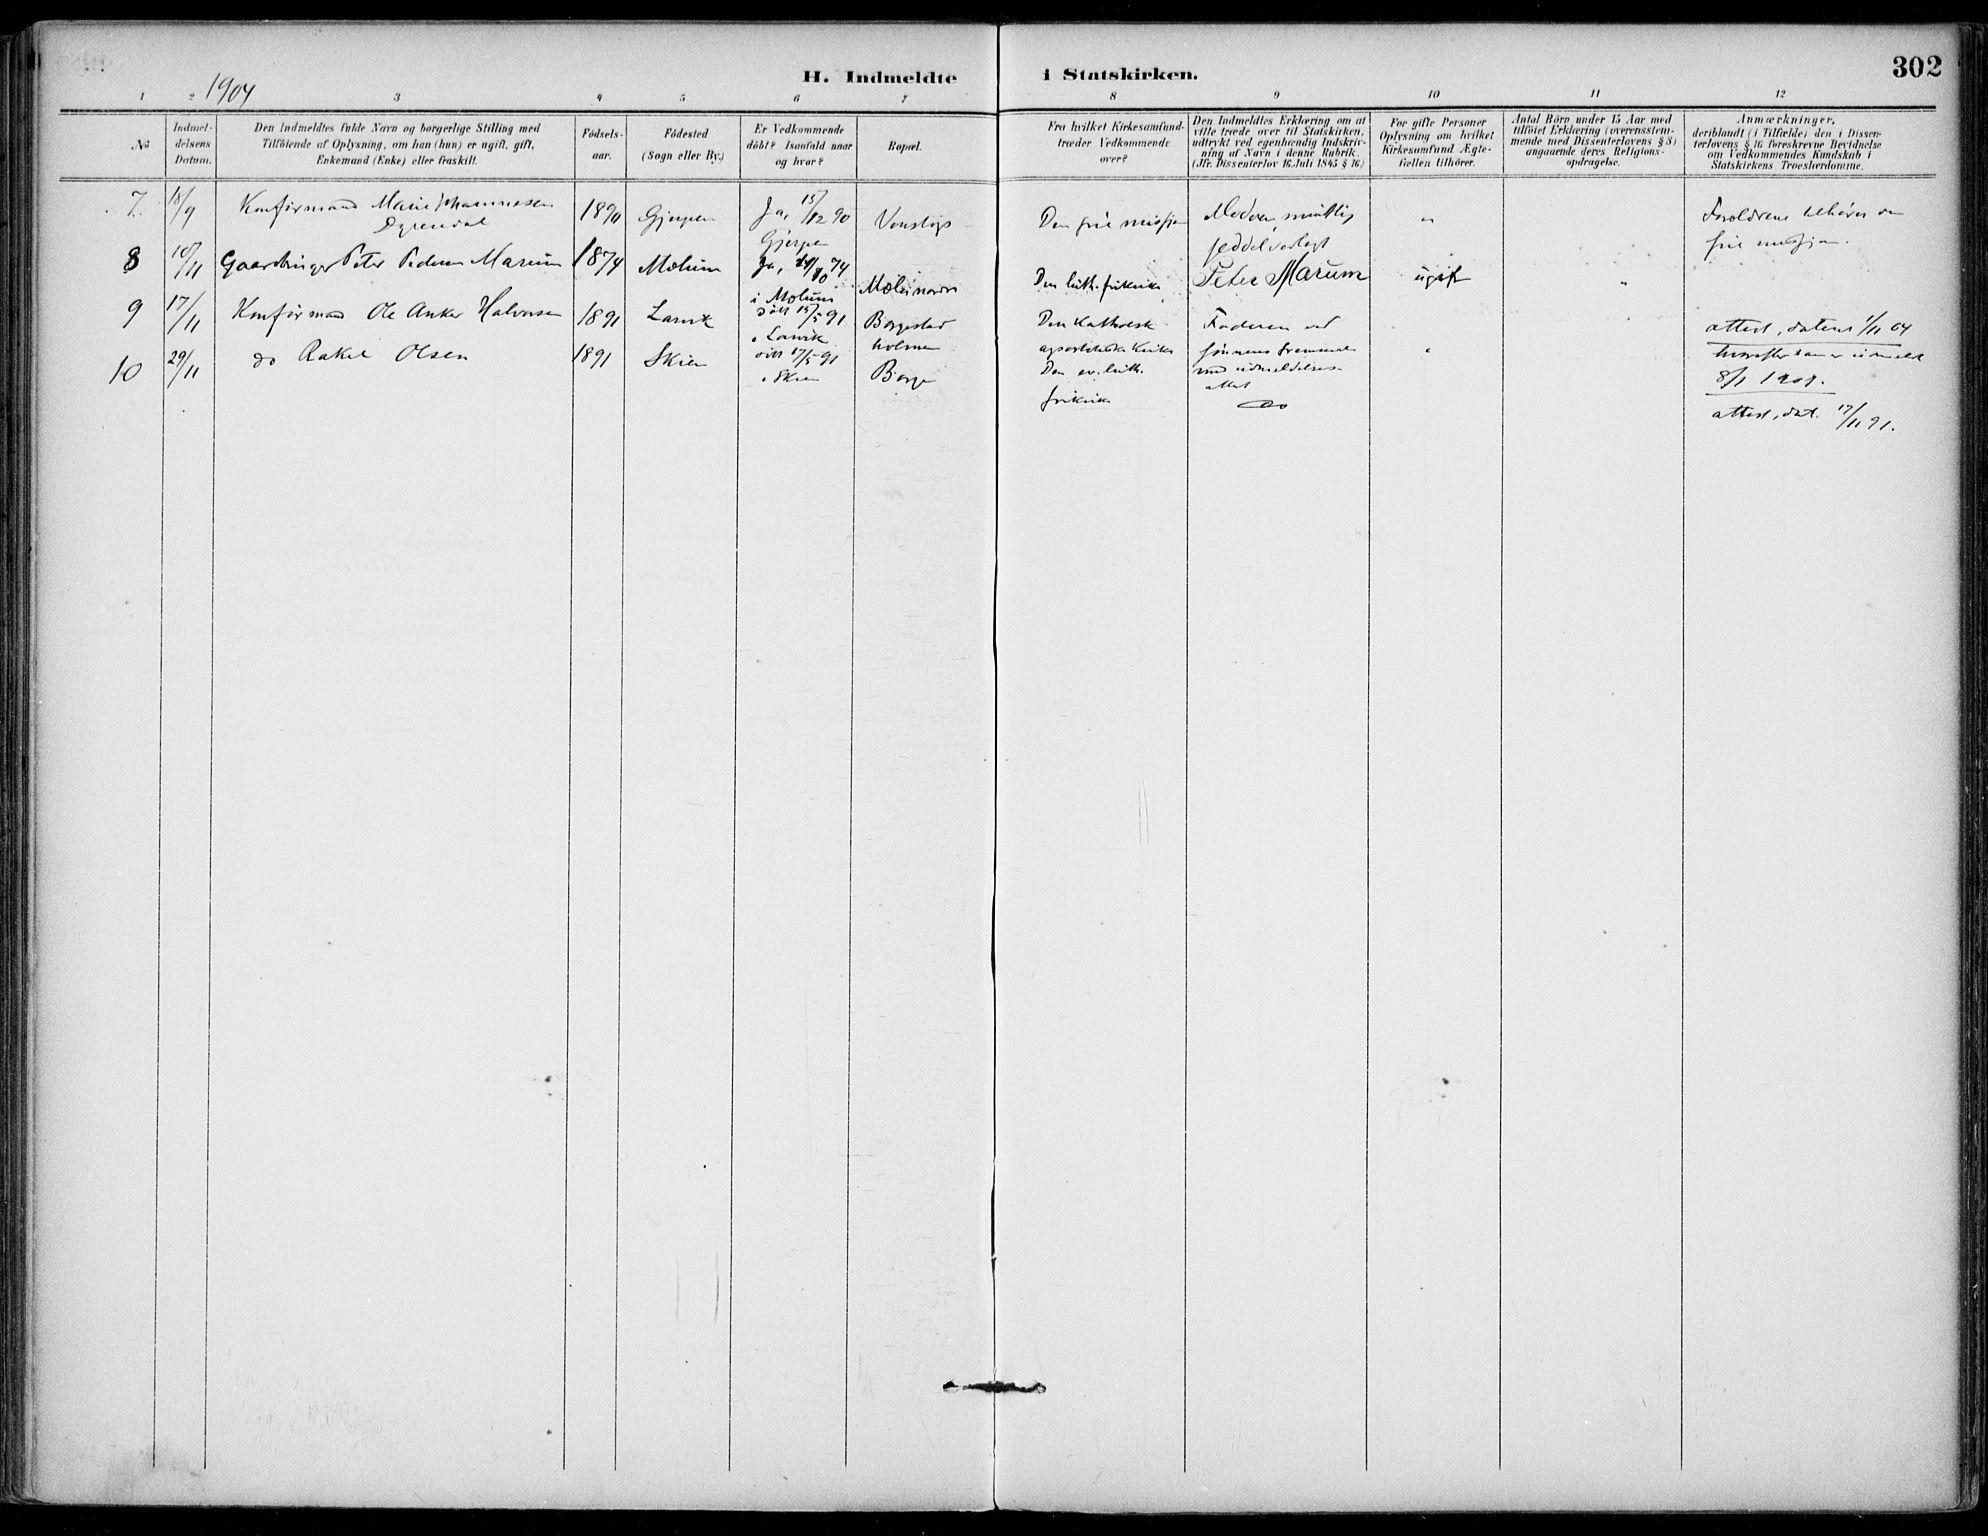 SAKO, Gjerpen kirkebøker, F/Fa/L0011: Ministerialbok nr. 11, 1896-1904, s. 302